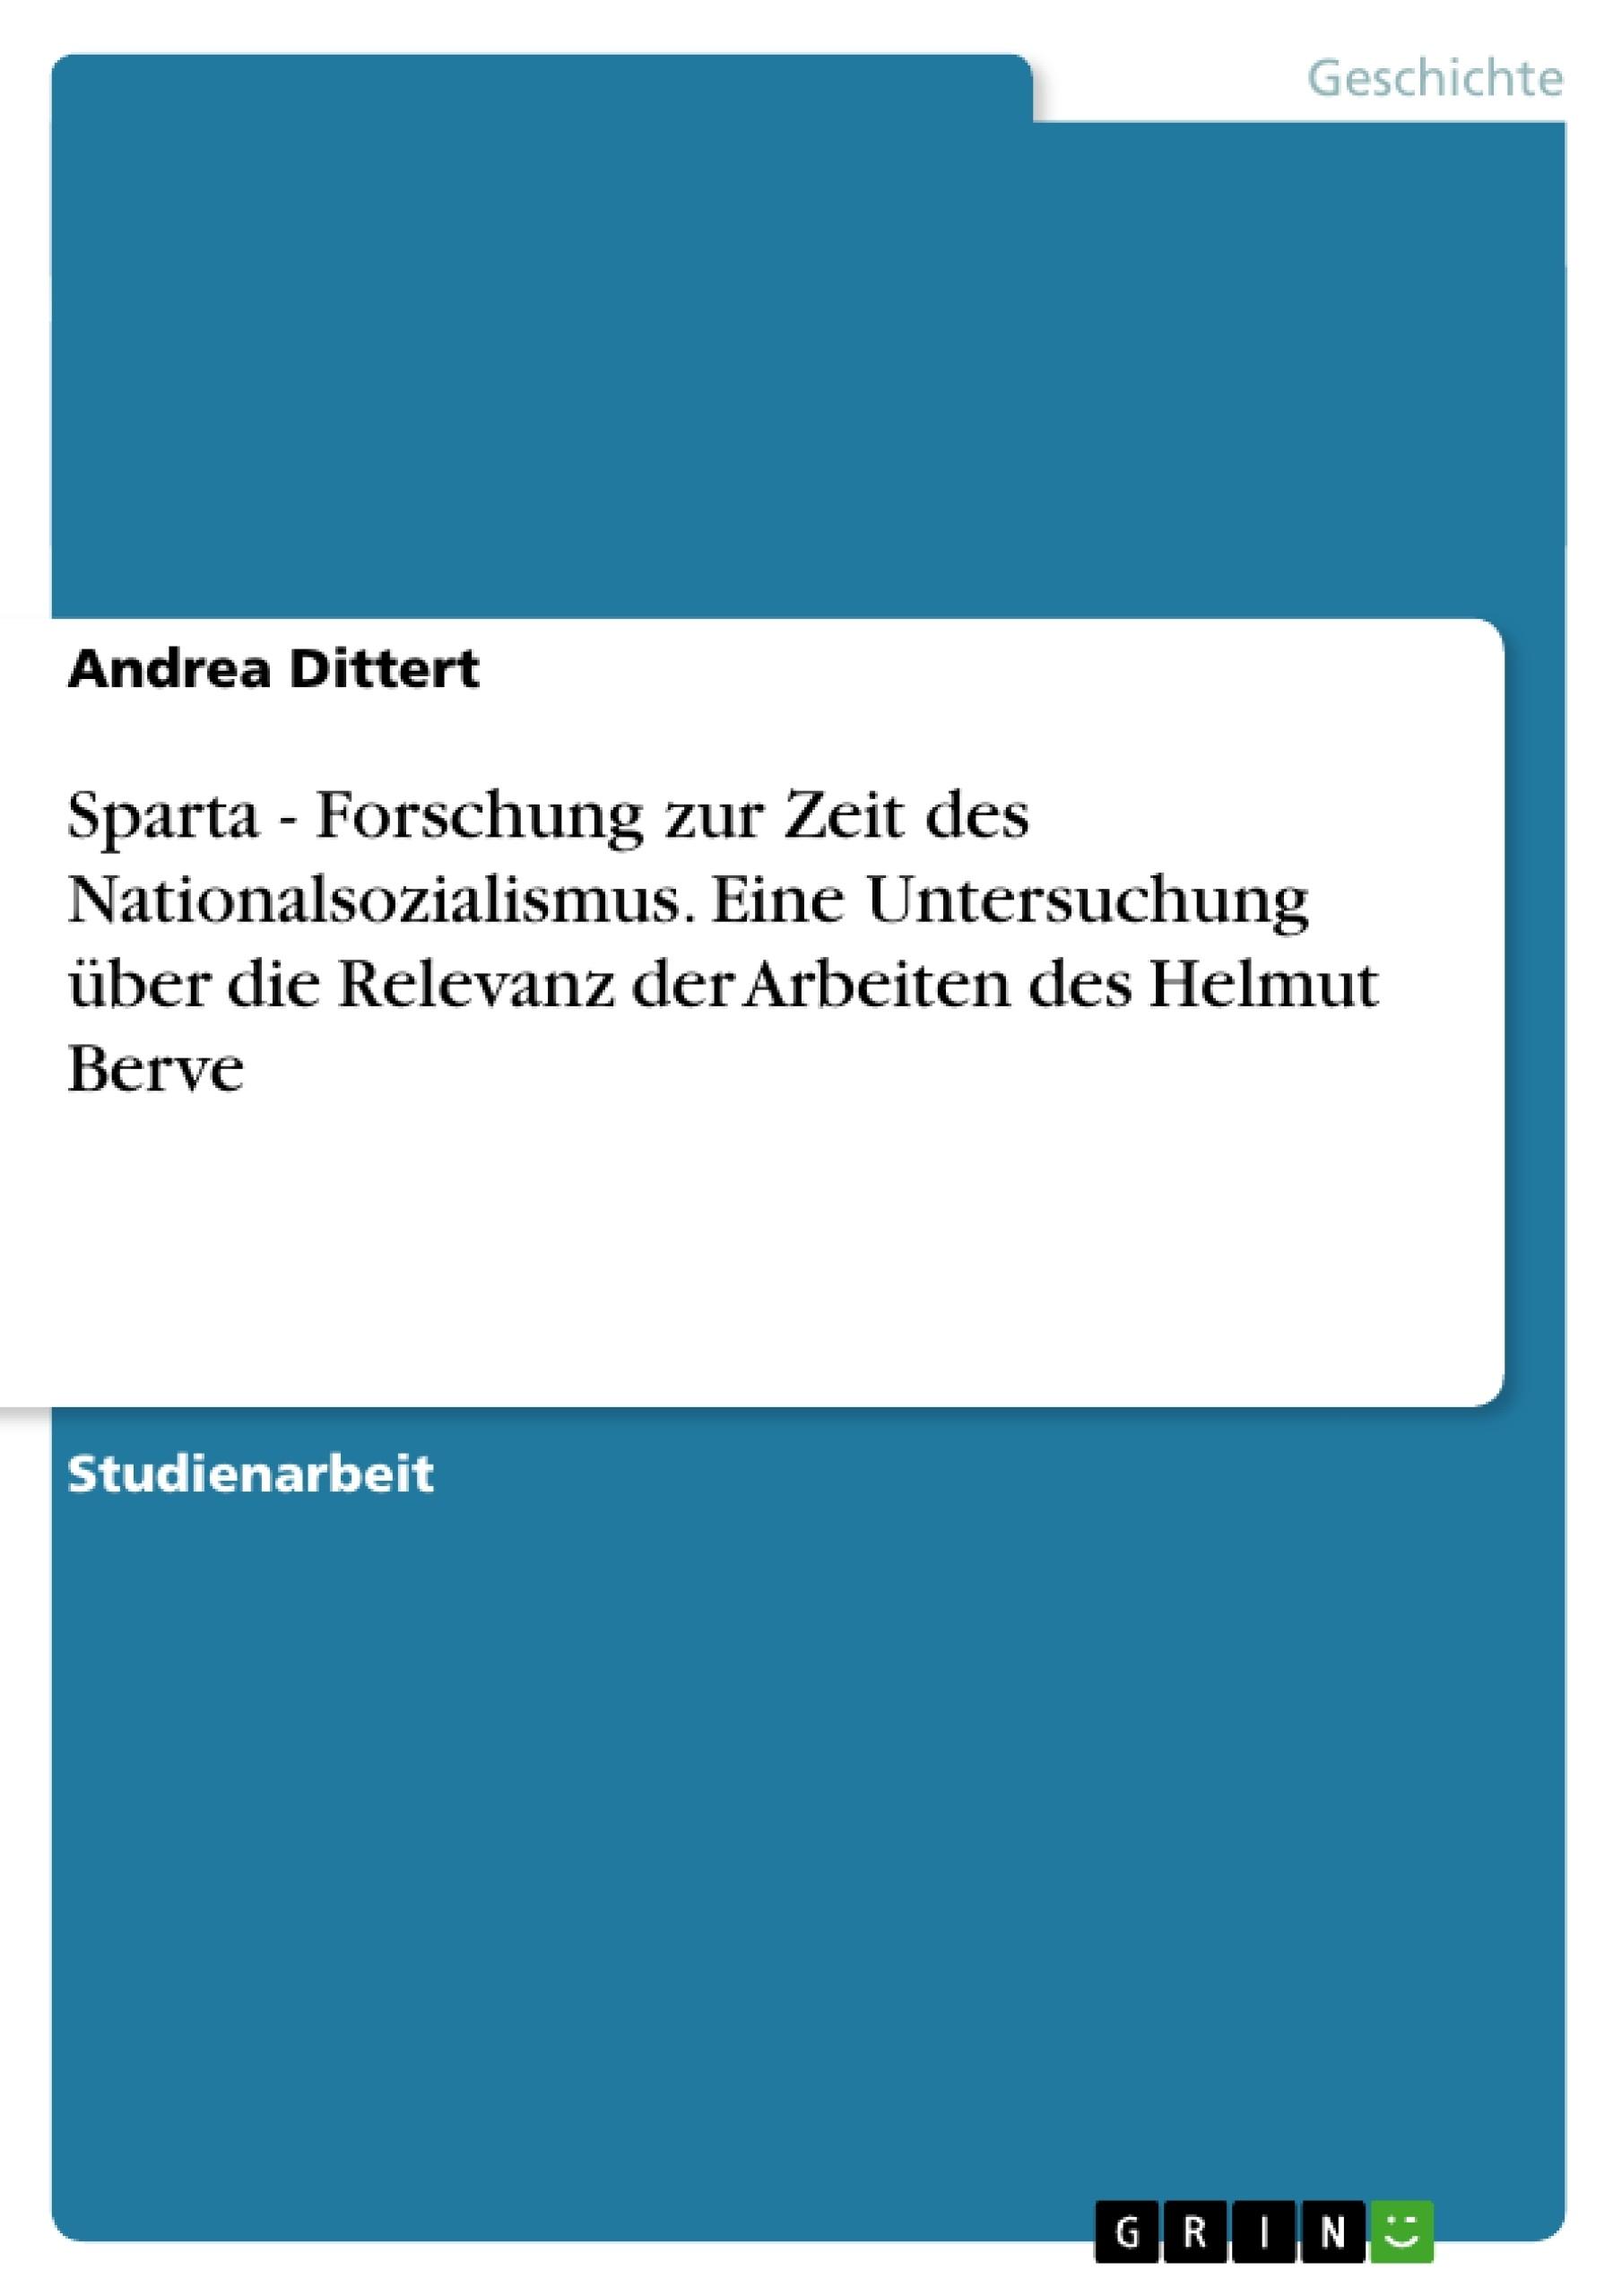 Titel: Sparta - Forschung zur Zeit des Nationalsozialismus. Eine Untersuchung über die Relevanz der Arbeiten des Helmut Berve